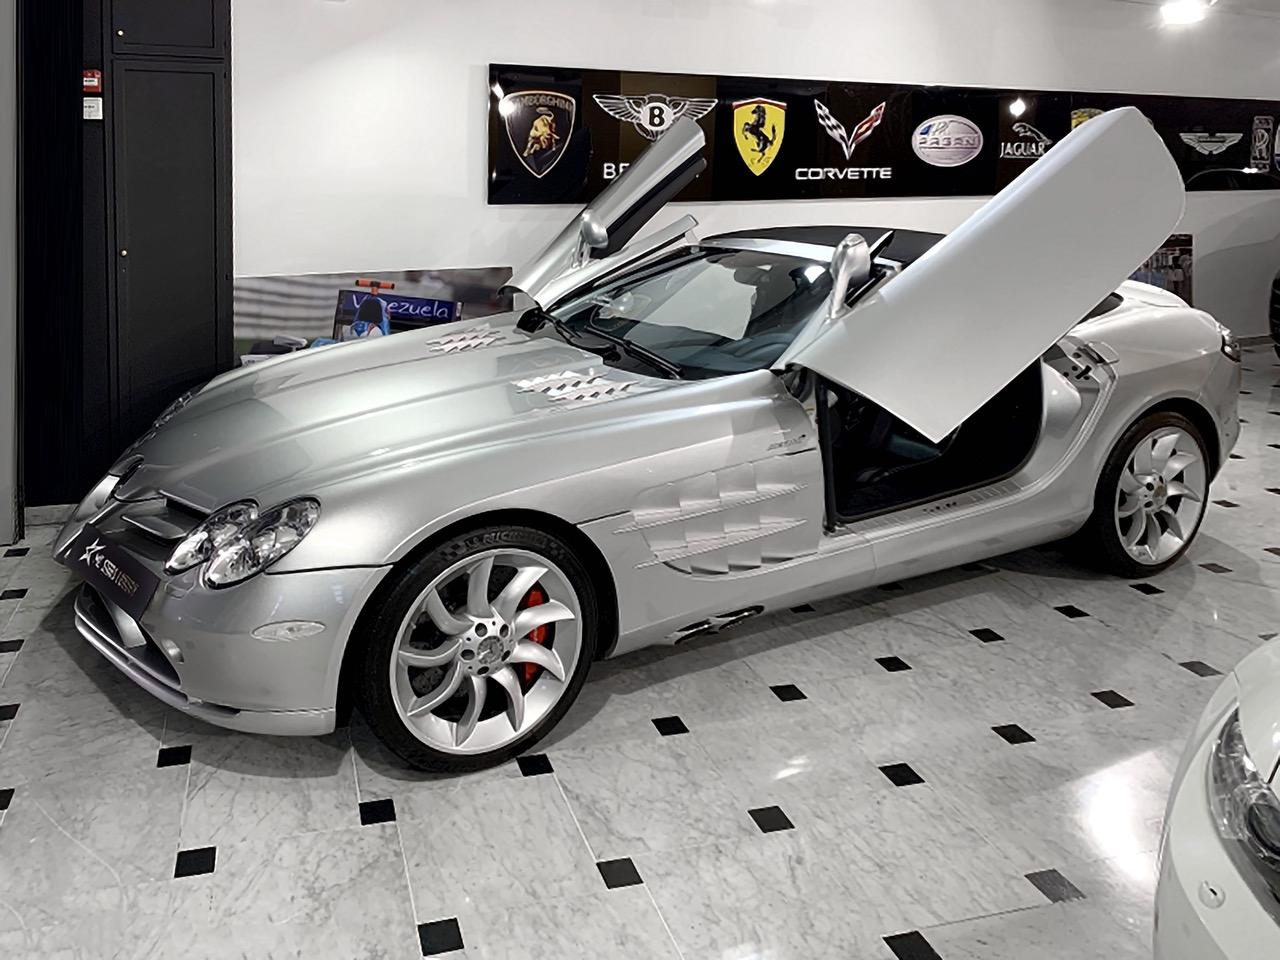 Mercedes-Benz-SLR-Roadster-55-AMG-1